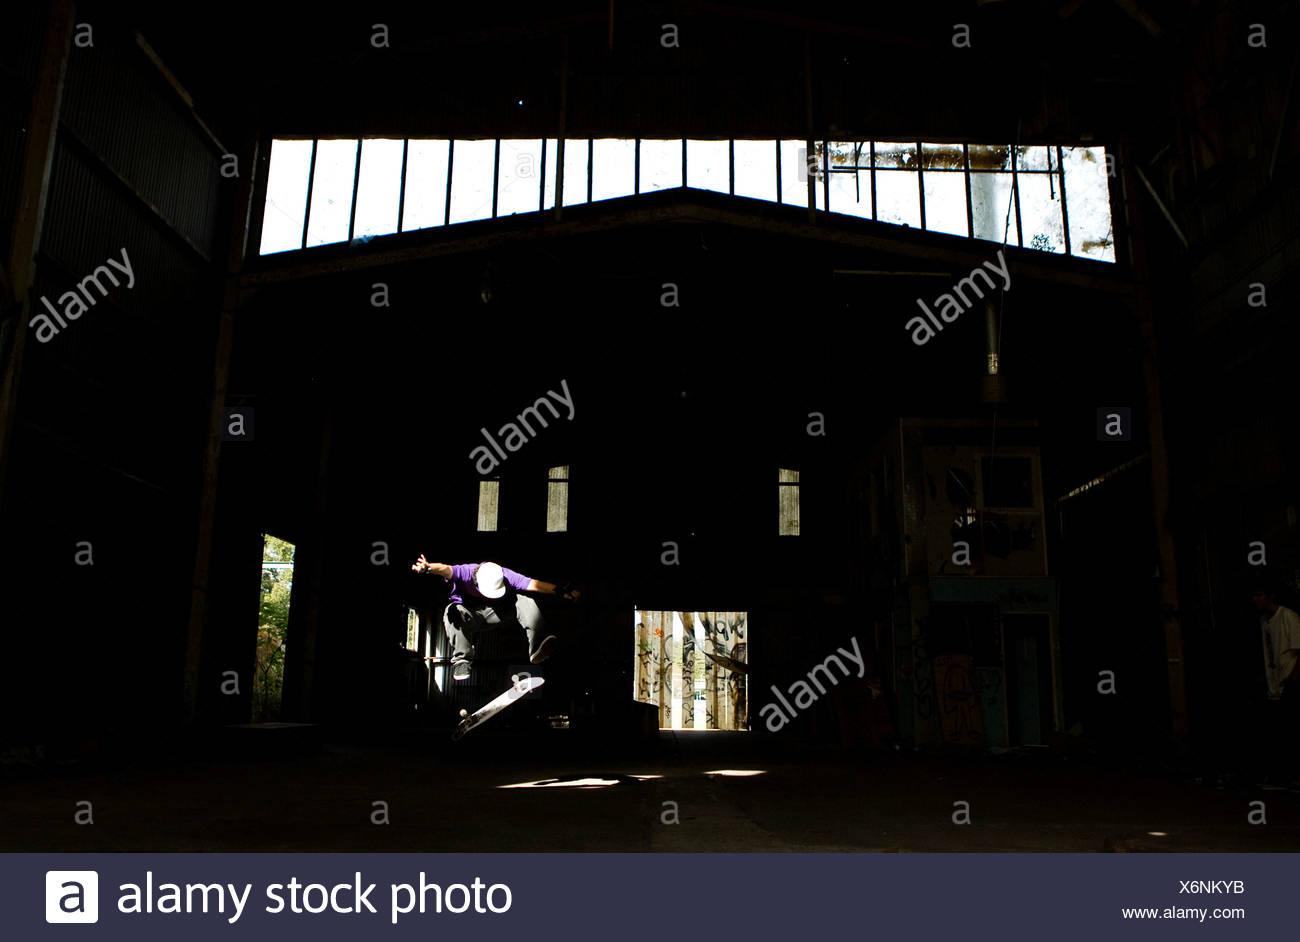 Un patineur exécute un kick flip dans un entrepôt abandonné sur la côte centrale, New South Wales, Australie. Photo Stock